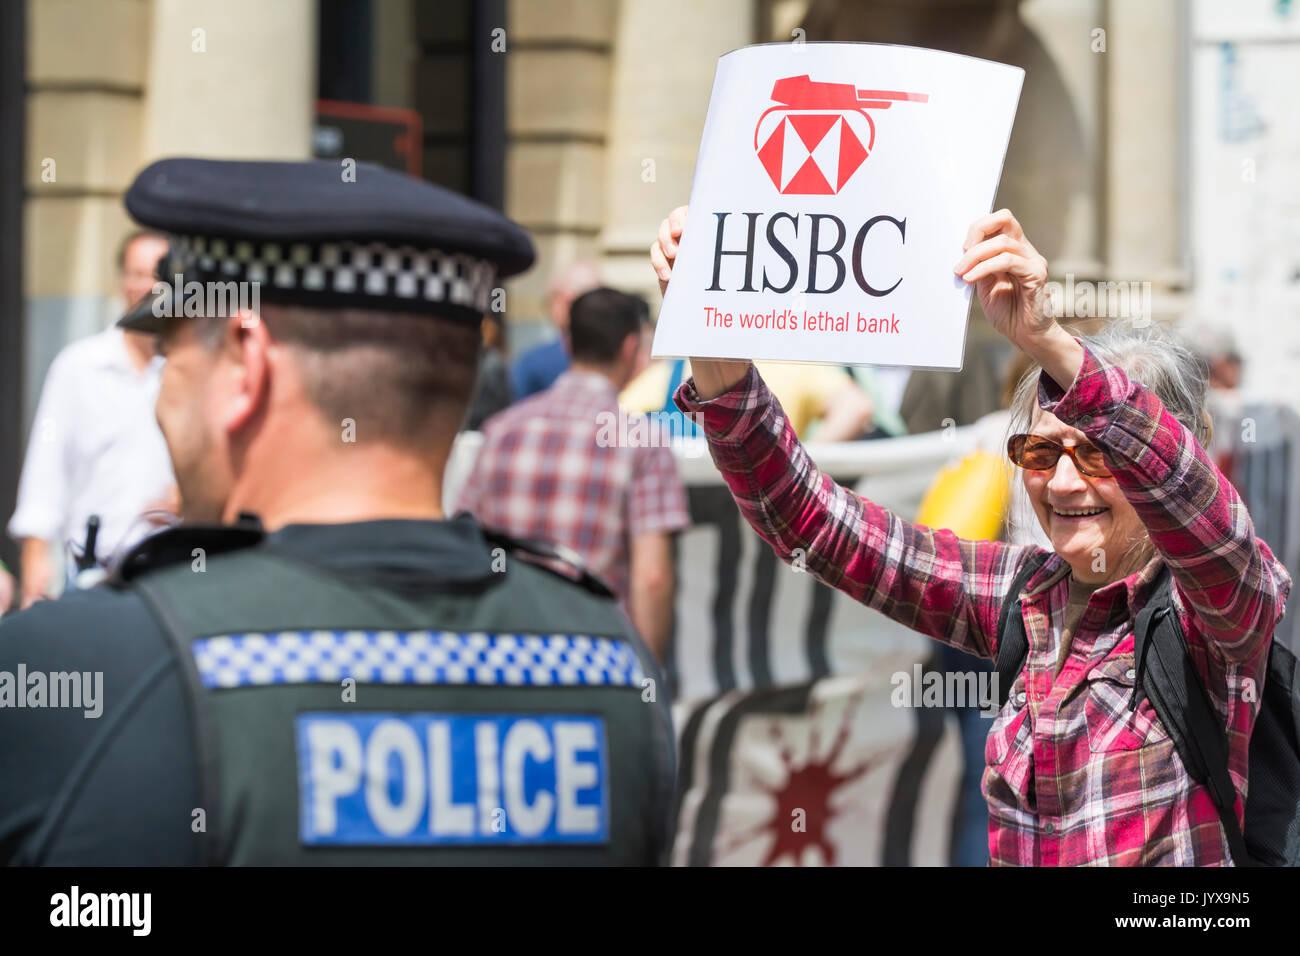 Manifestante sosteniendo un cartel de protesta diciendo 'Stop' armamento a Israel fuera del banco HSBC en Brighton, East Sussex, Inglaterra, Reino Unido. Imagen De Stock